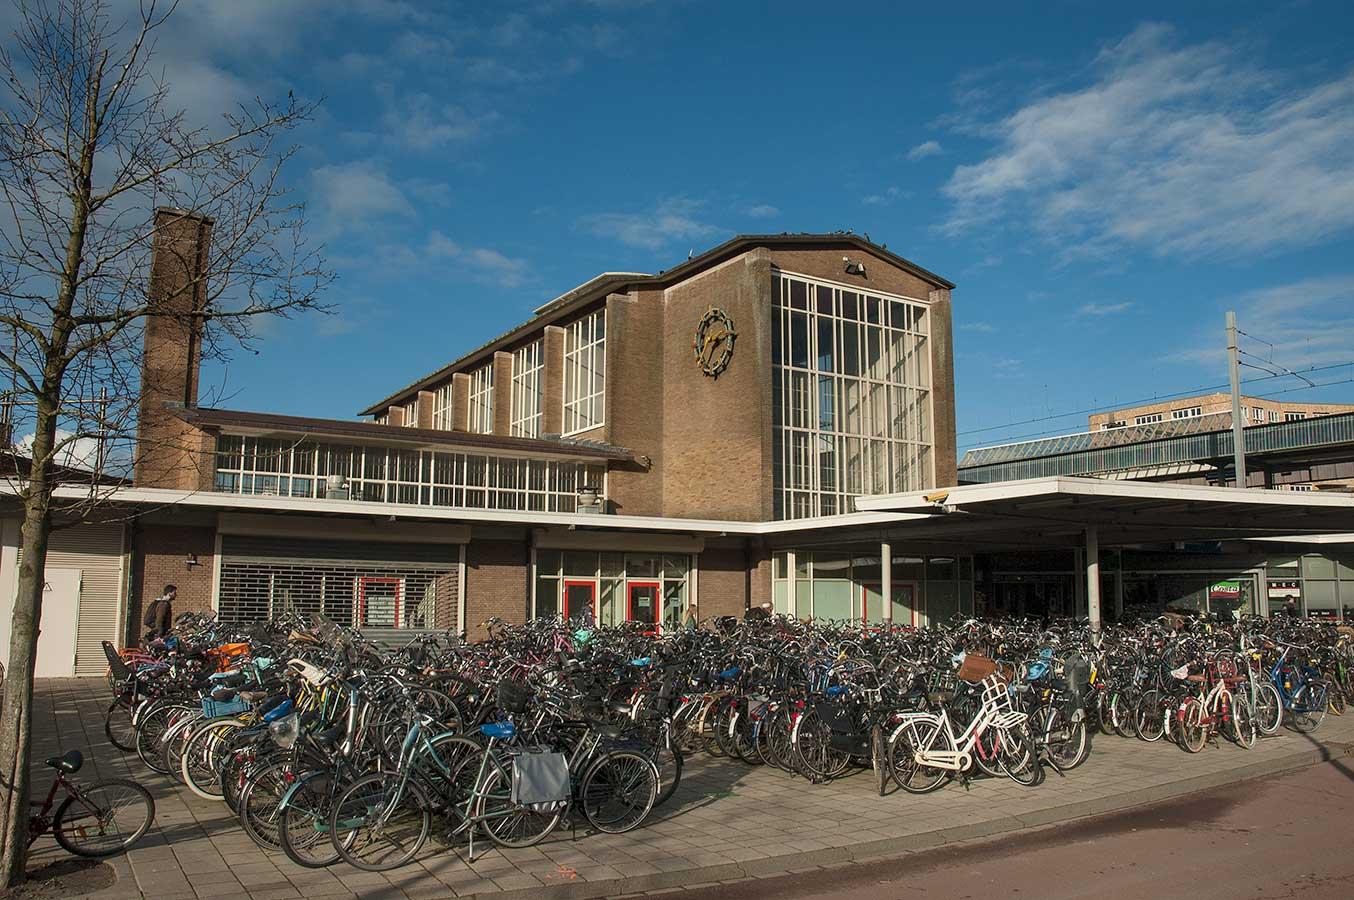 Centrale hal met fietsenstalling op voorgrond.